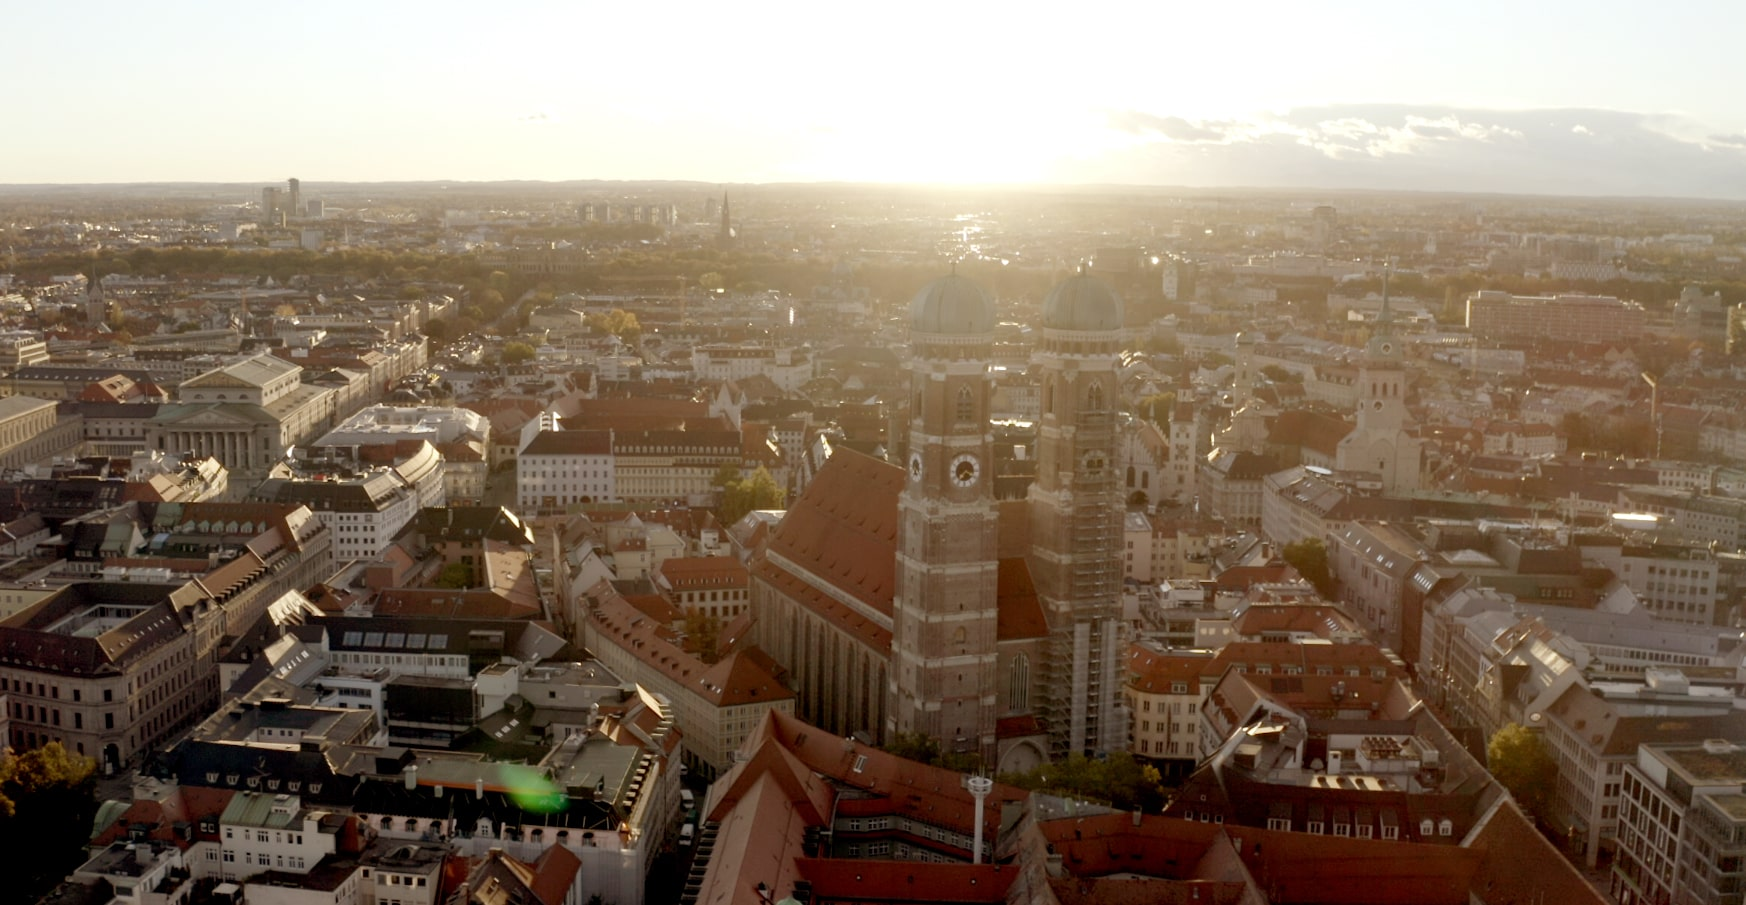 Das ist einer der Hauptdrehorte München